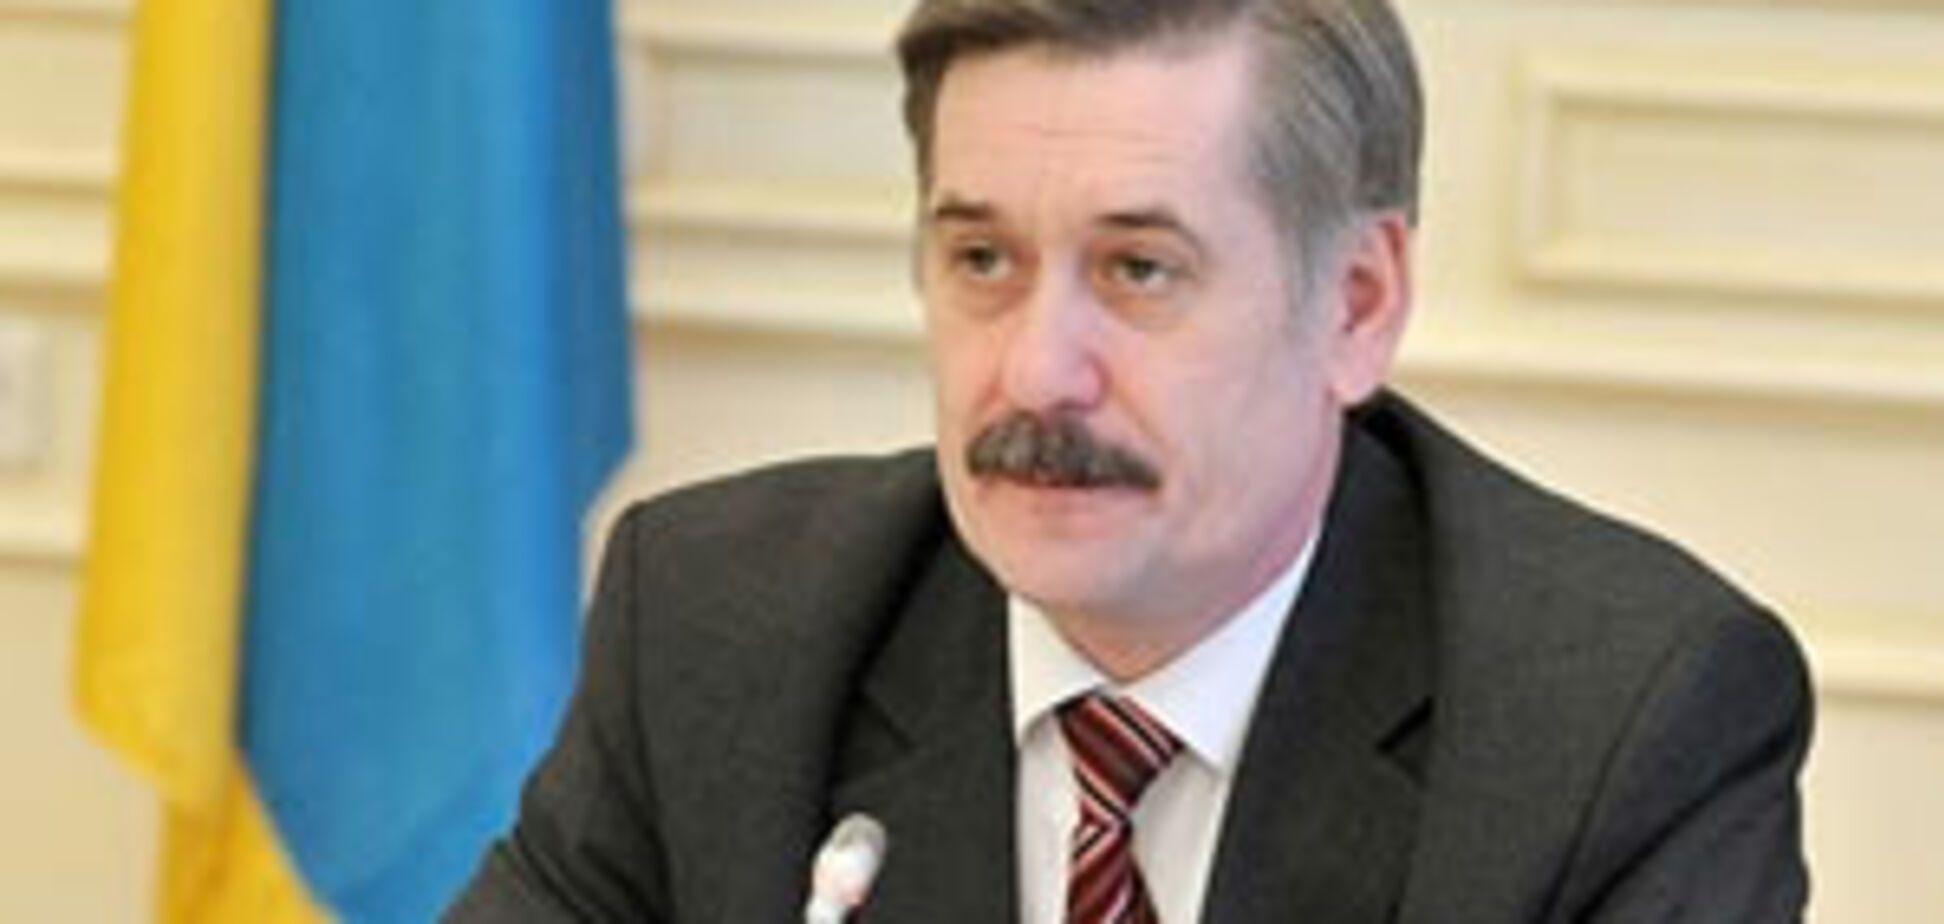 Рада отложила отмену НДС на экспорт сои и рапса, как требовал 'Наш край' - Мазурчак